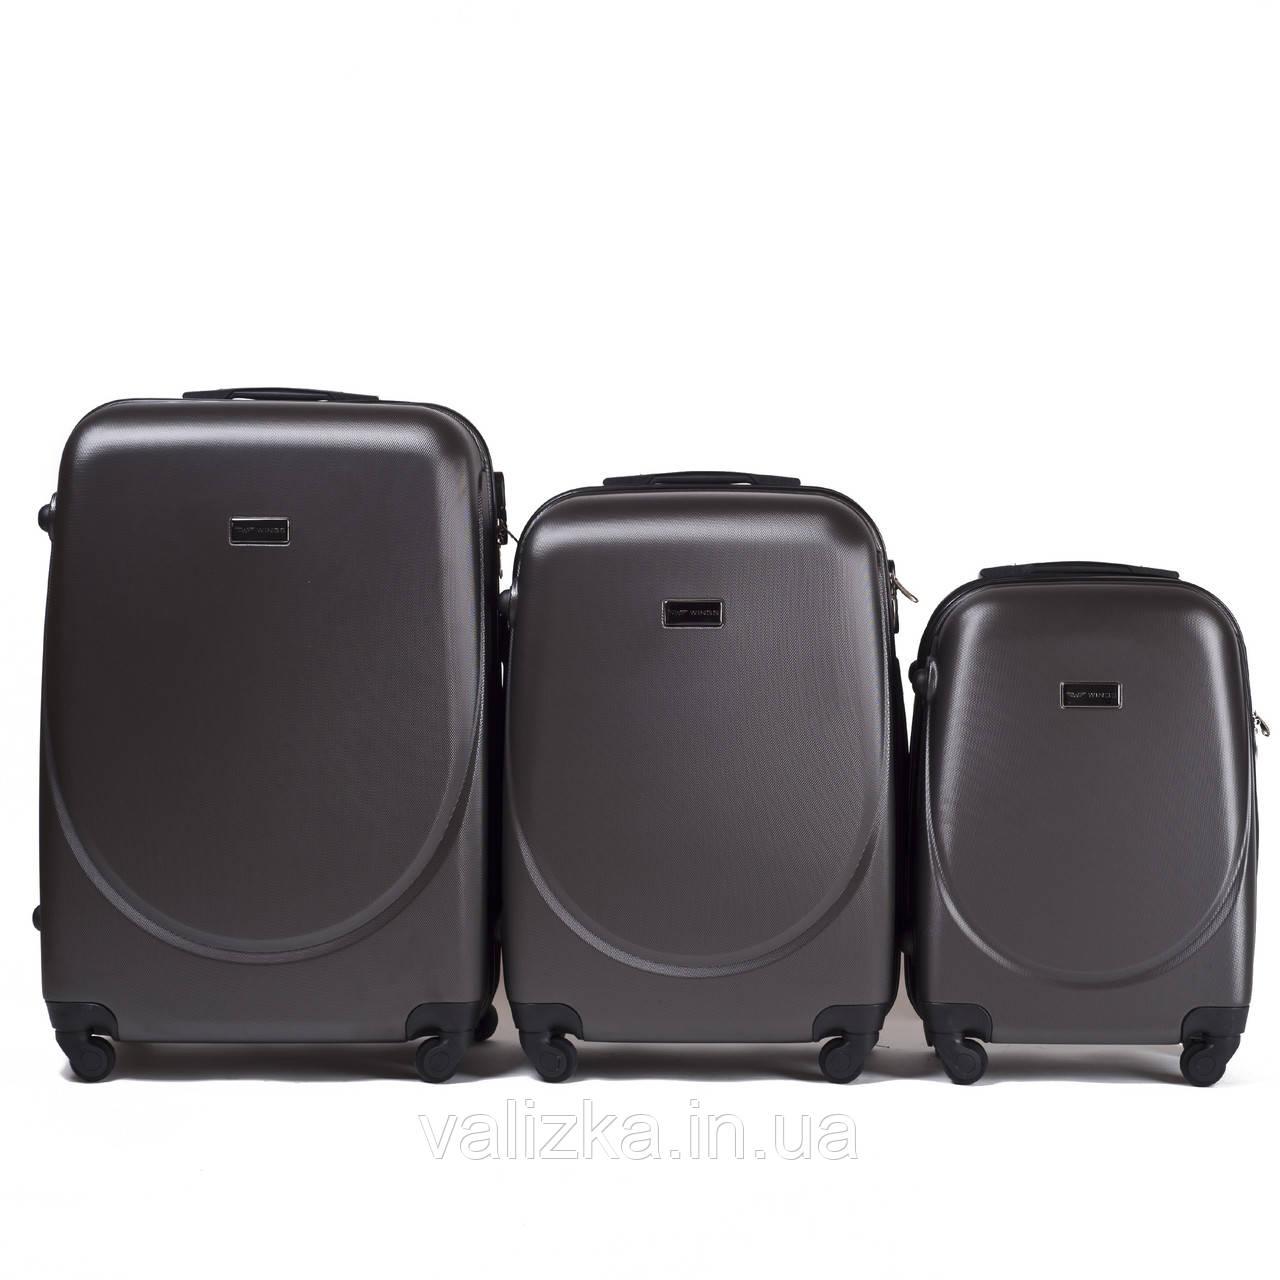 Набір валіз пластикових 3 шт малий, середній, великий Wings темно-сірий